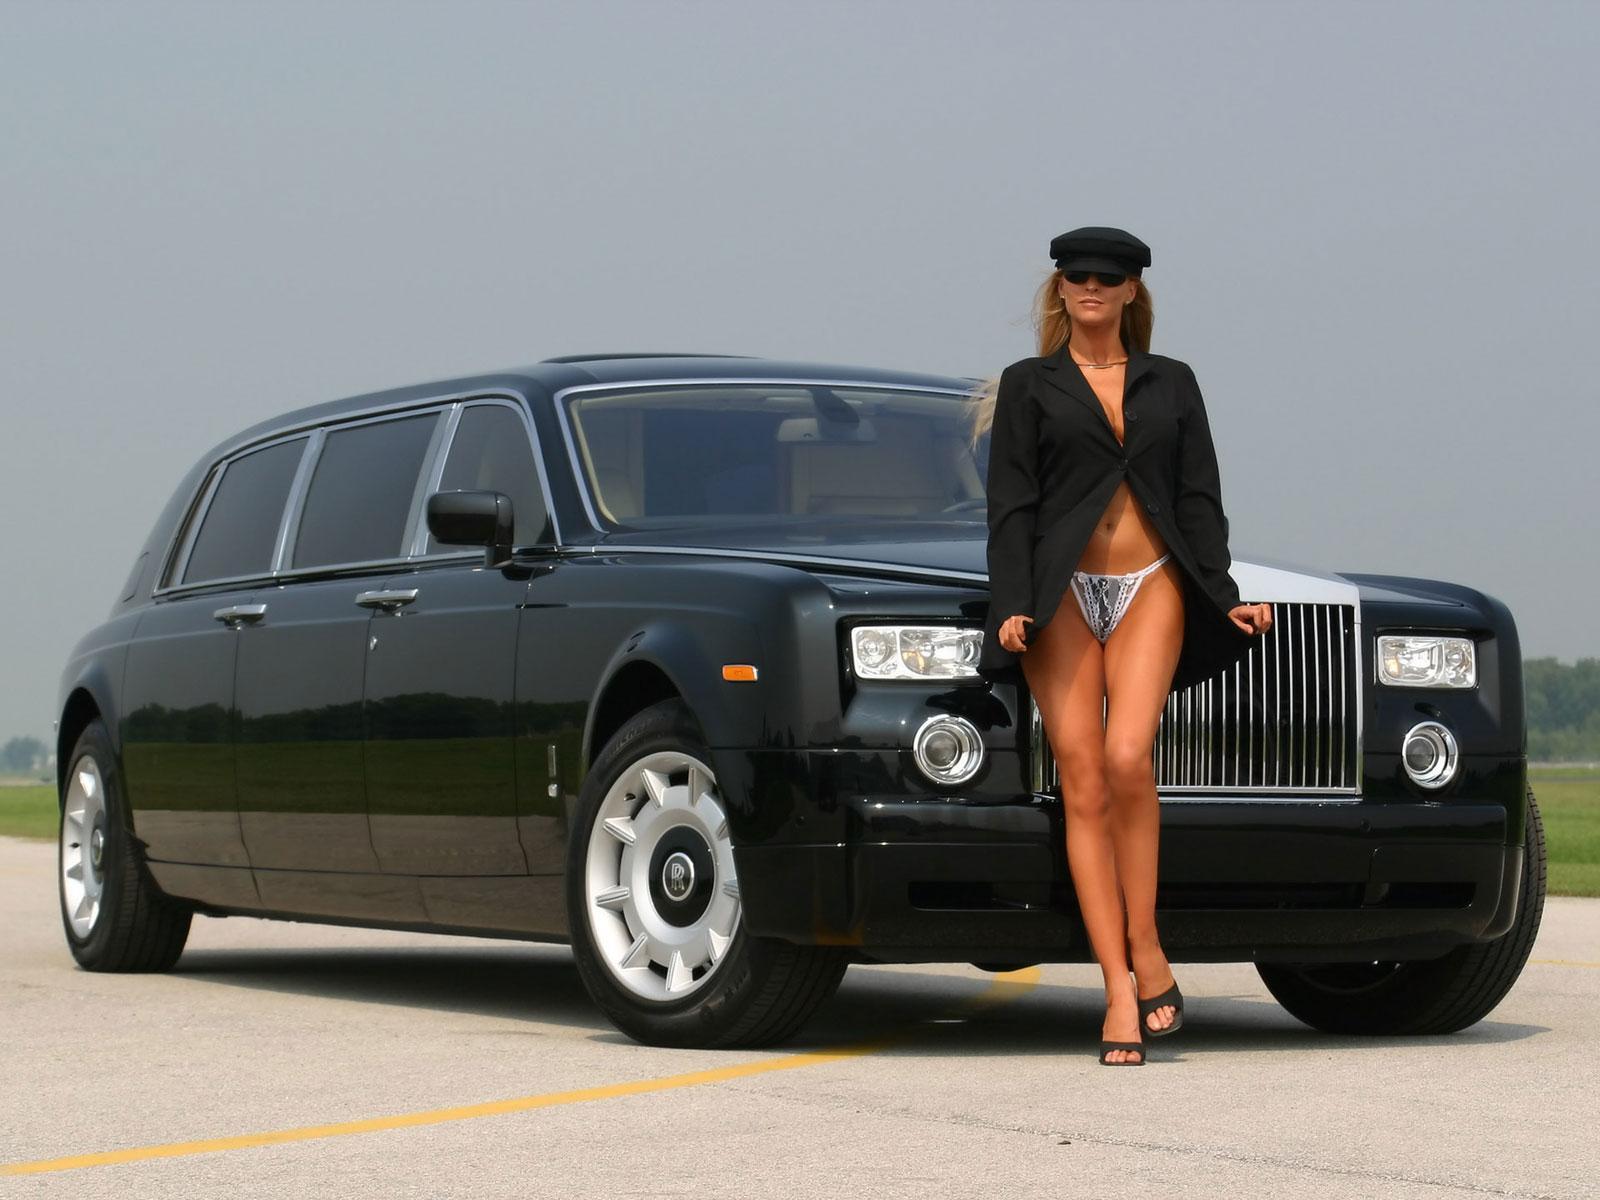 Rolls Royce Phantom Wallpaper For Windows